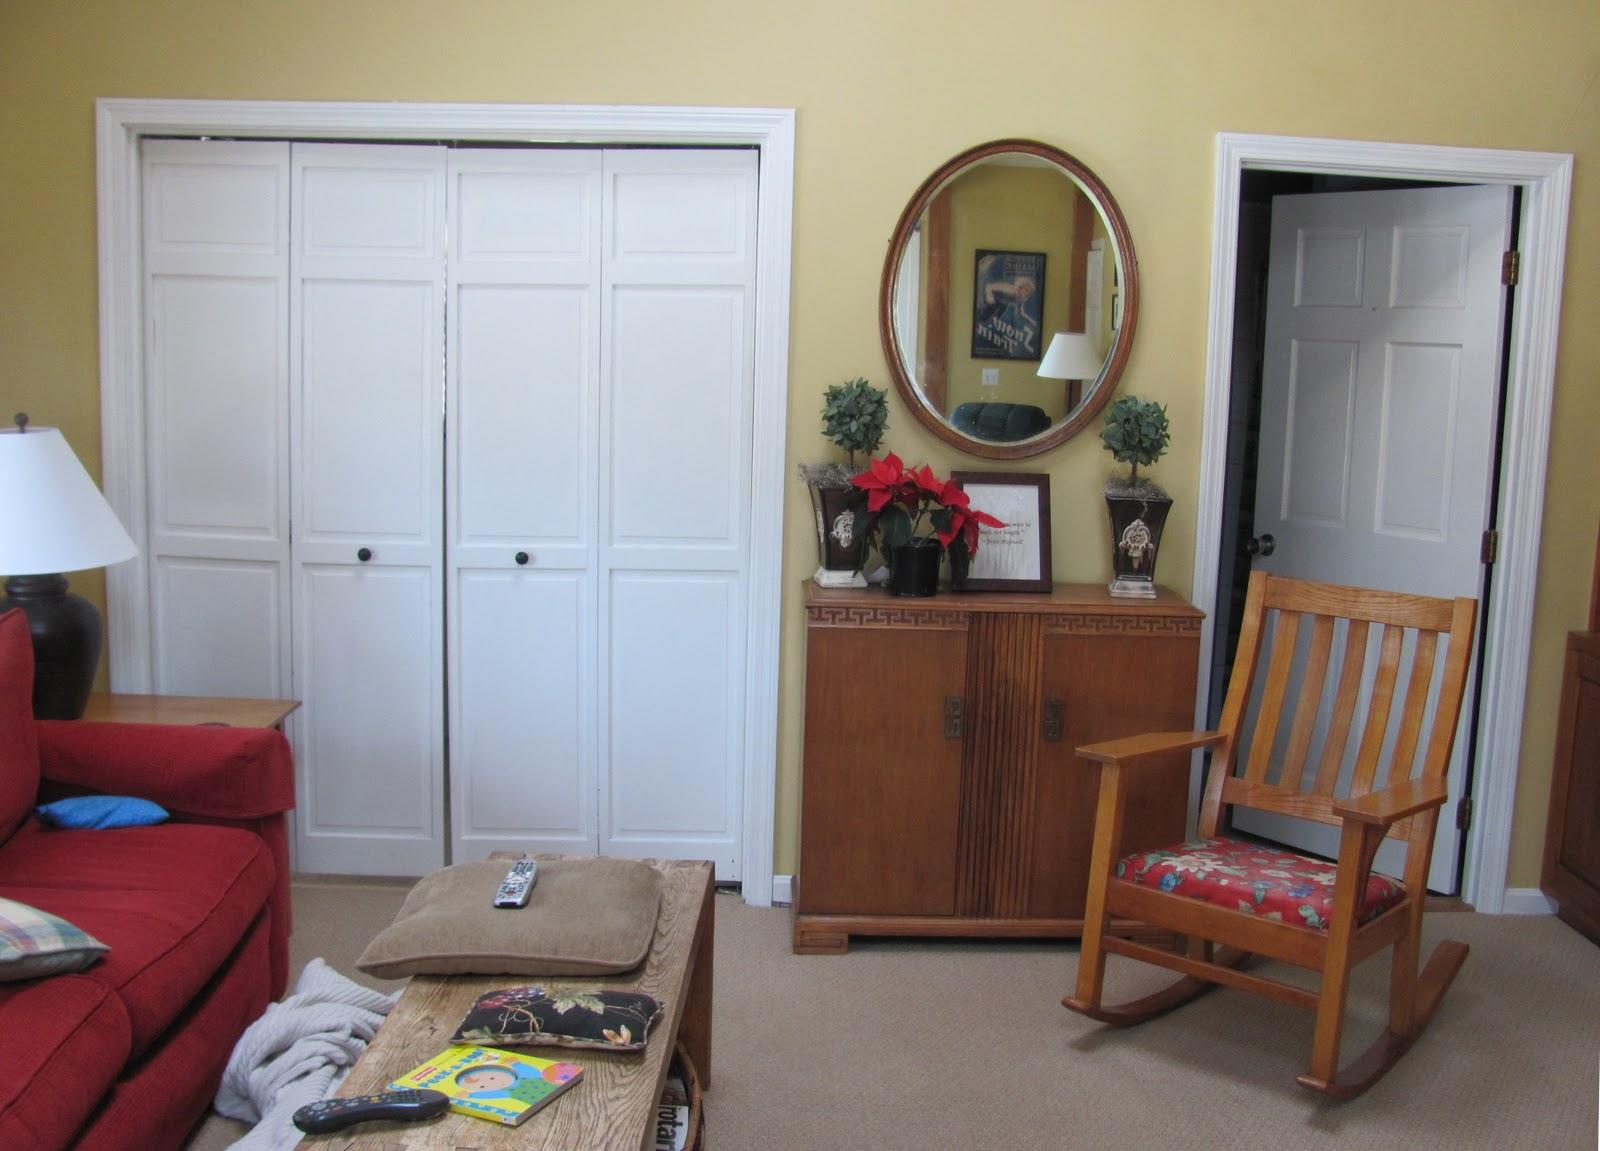 Folding Doors For Laundry Room : Folding doors laundry room